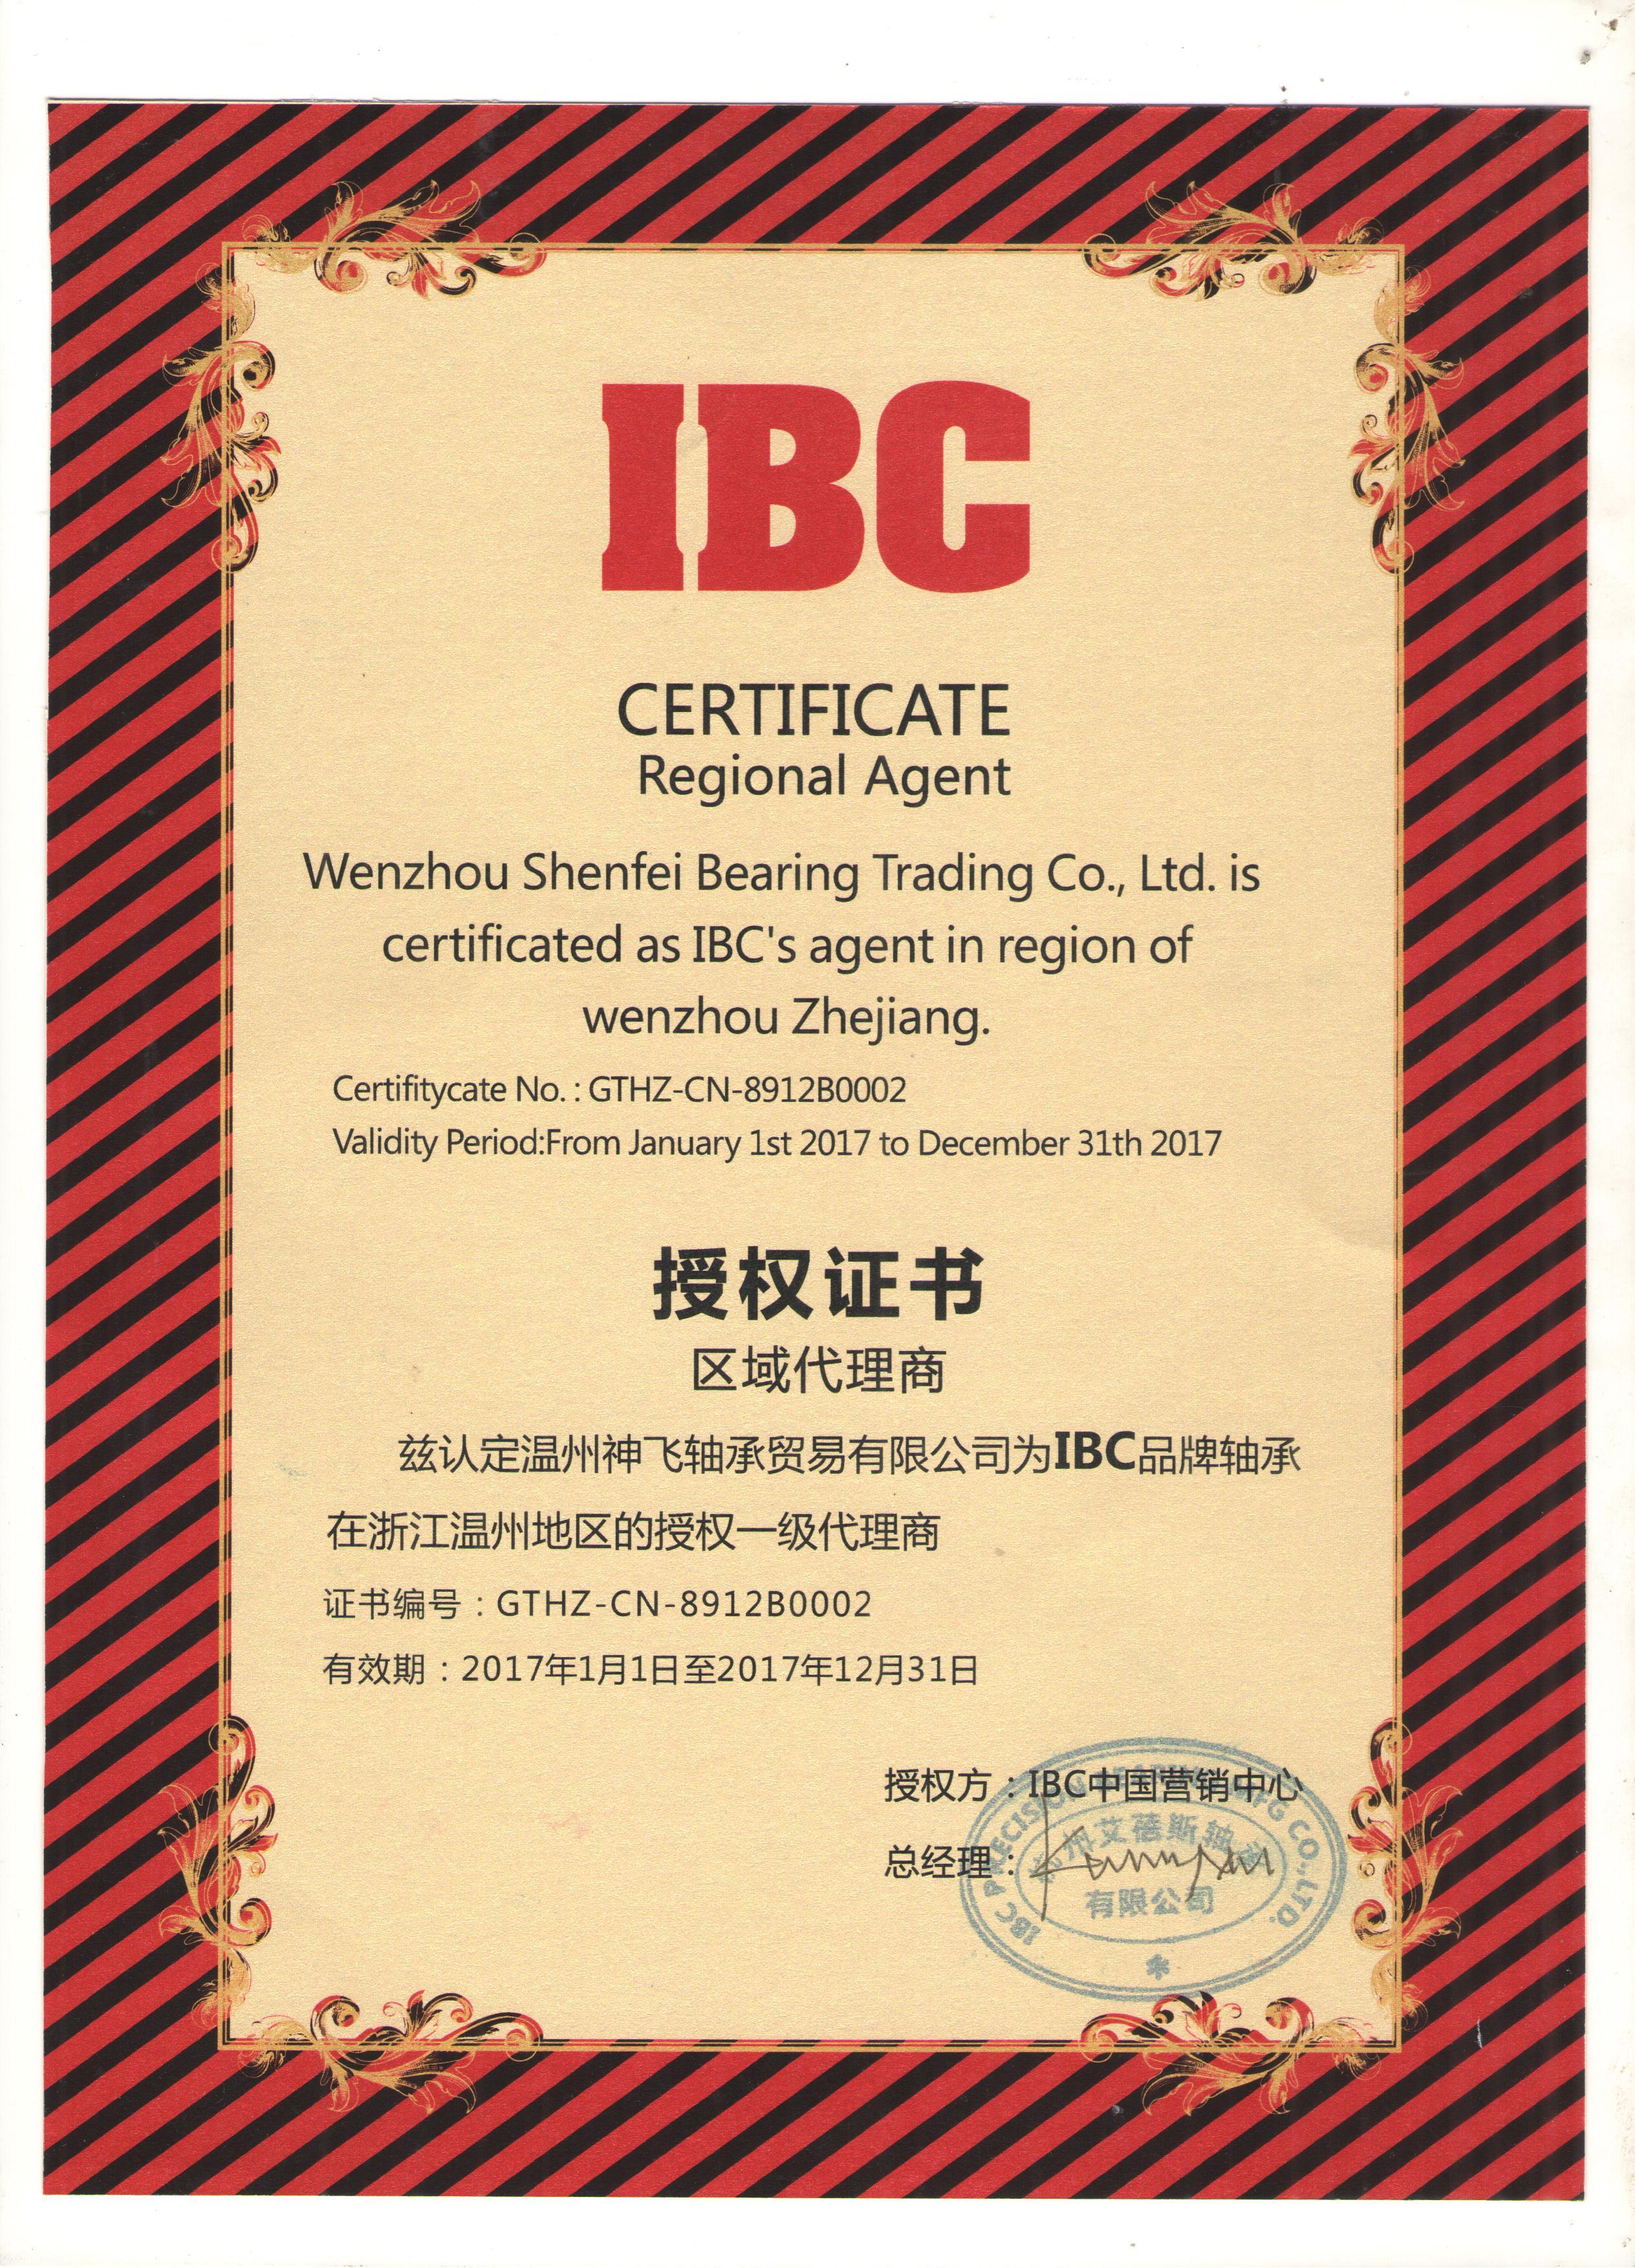 IBC授权书